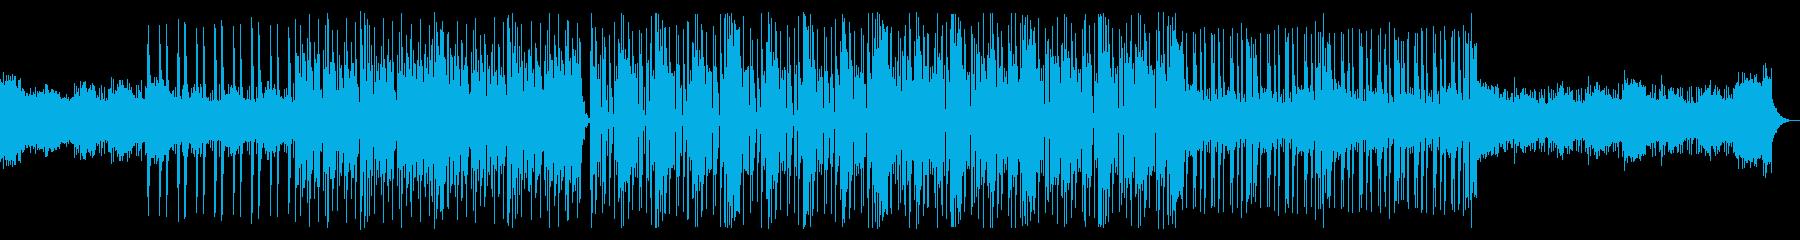 シンプルなドラムンベース_3の再生済みの波形